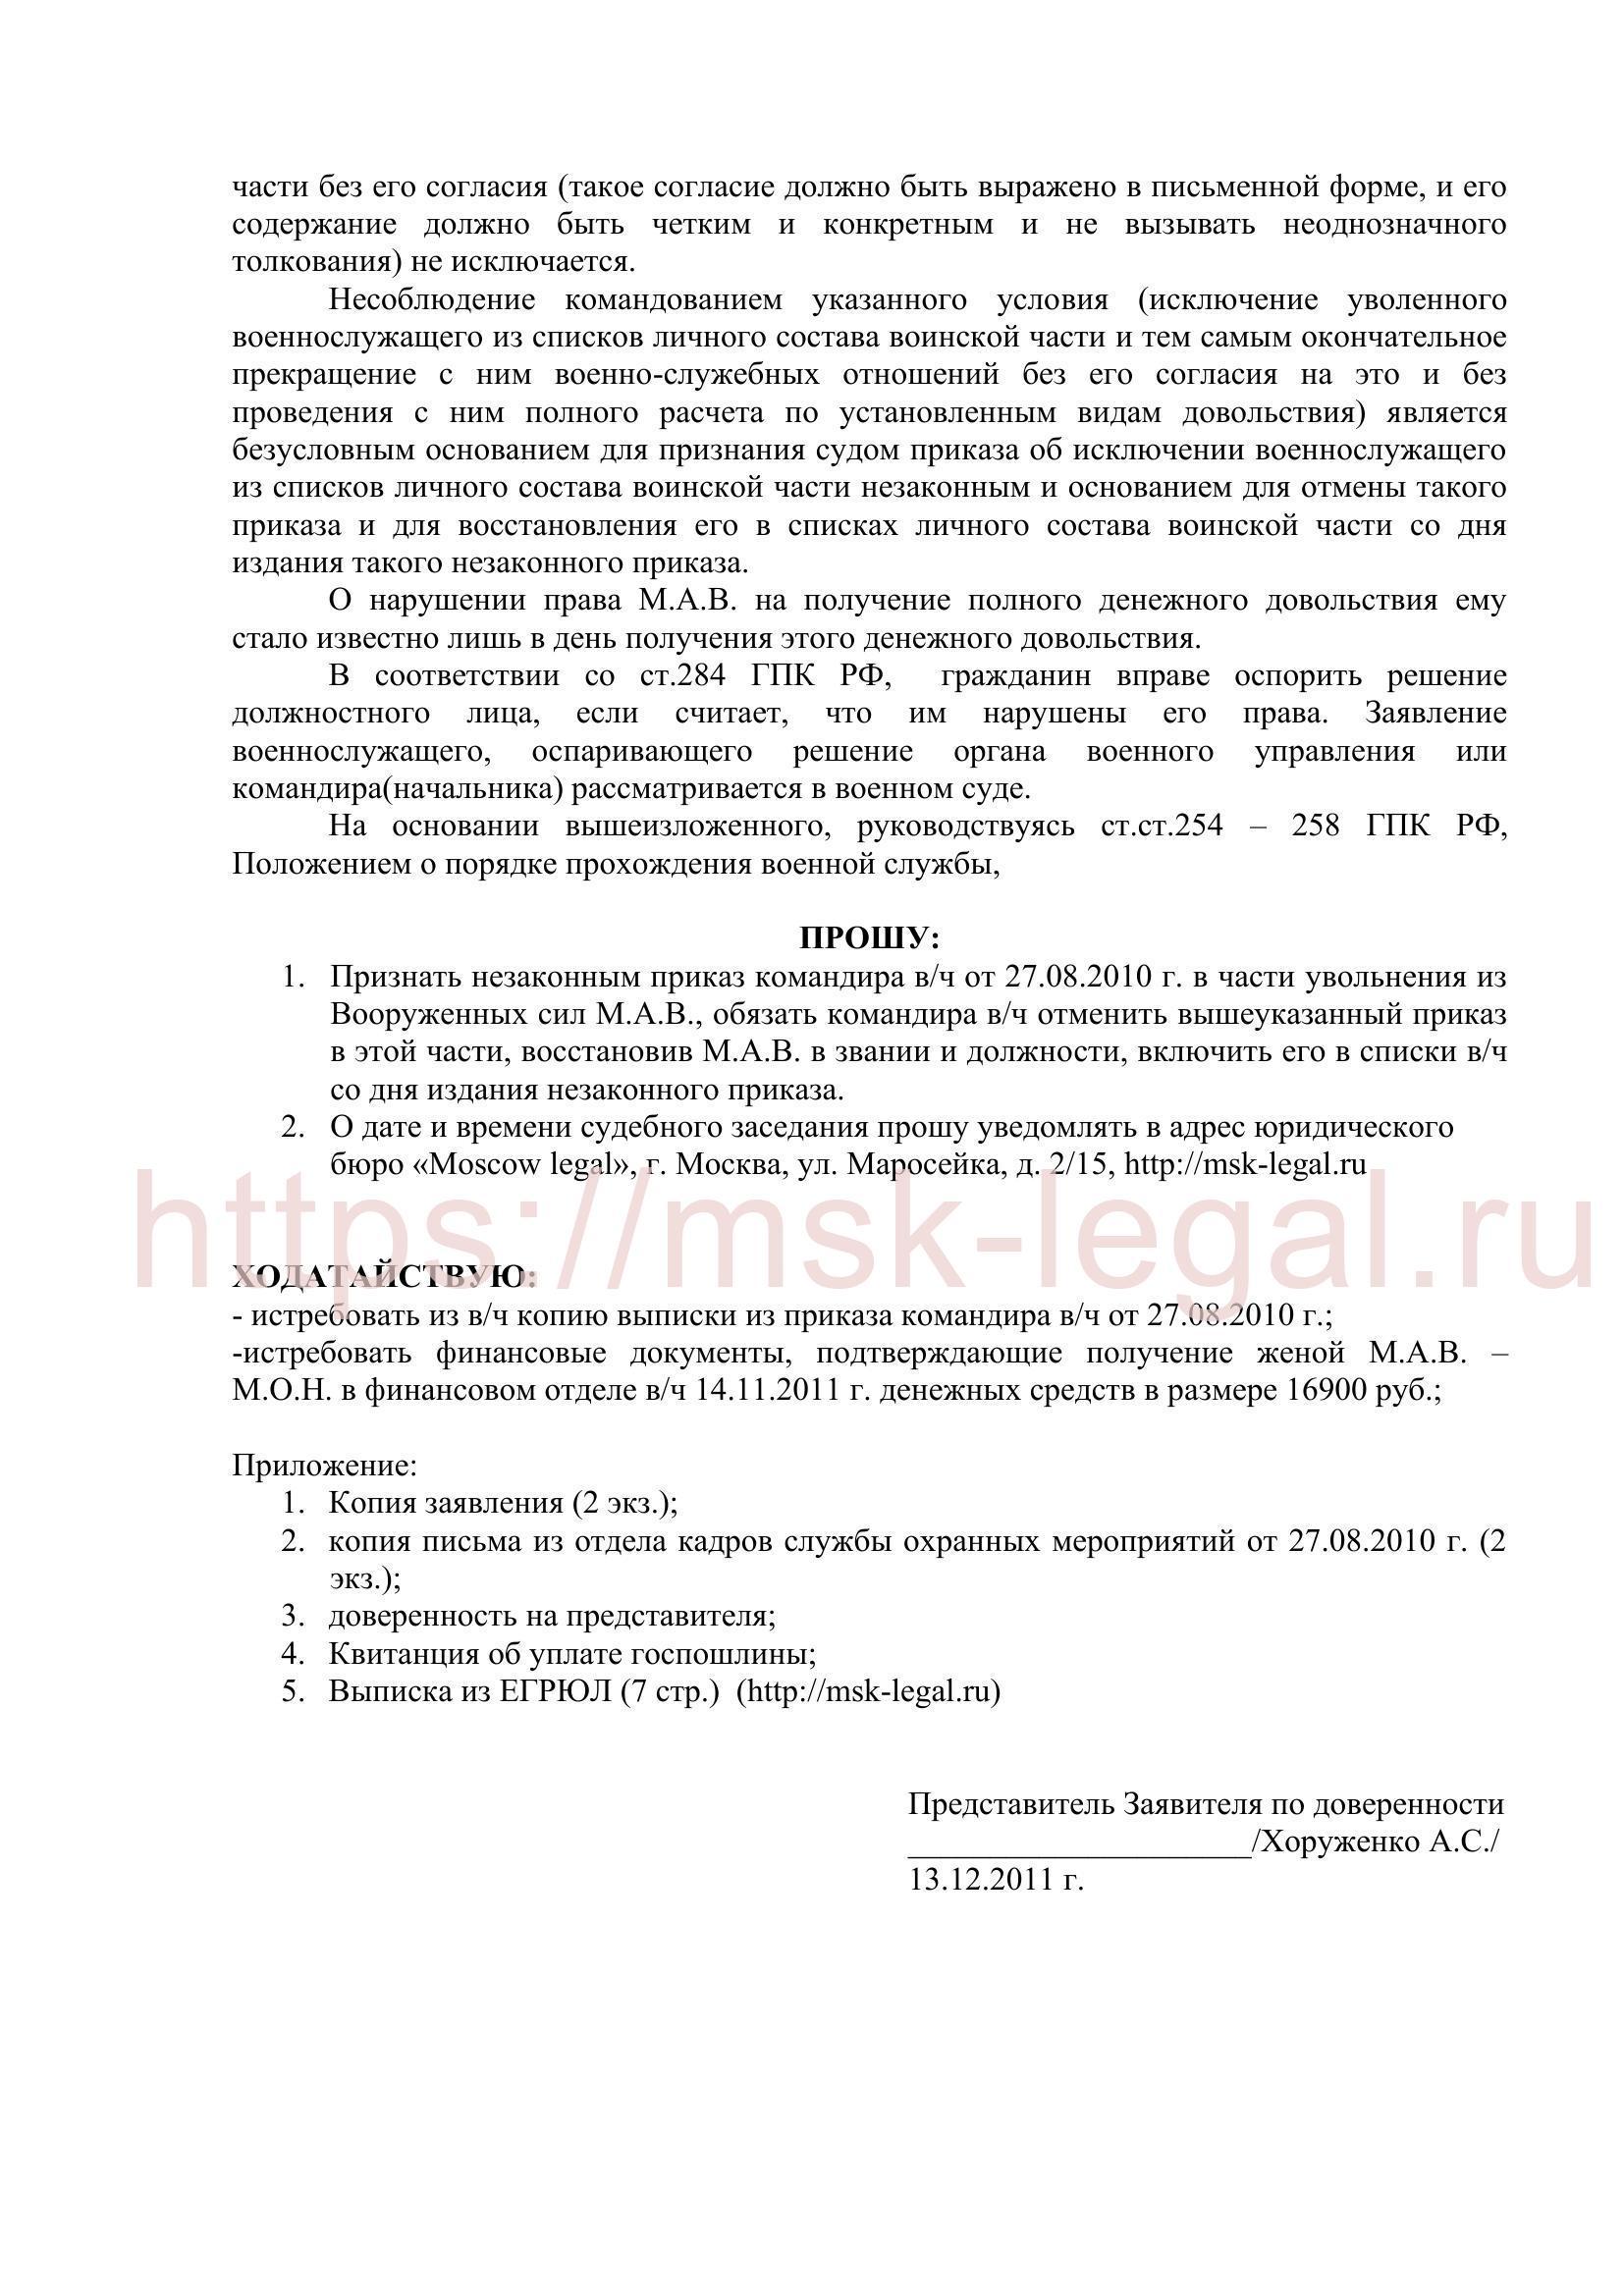 Заявление о восстановлении в списках воинск.части